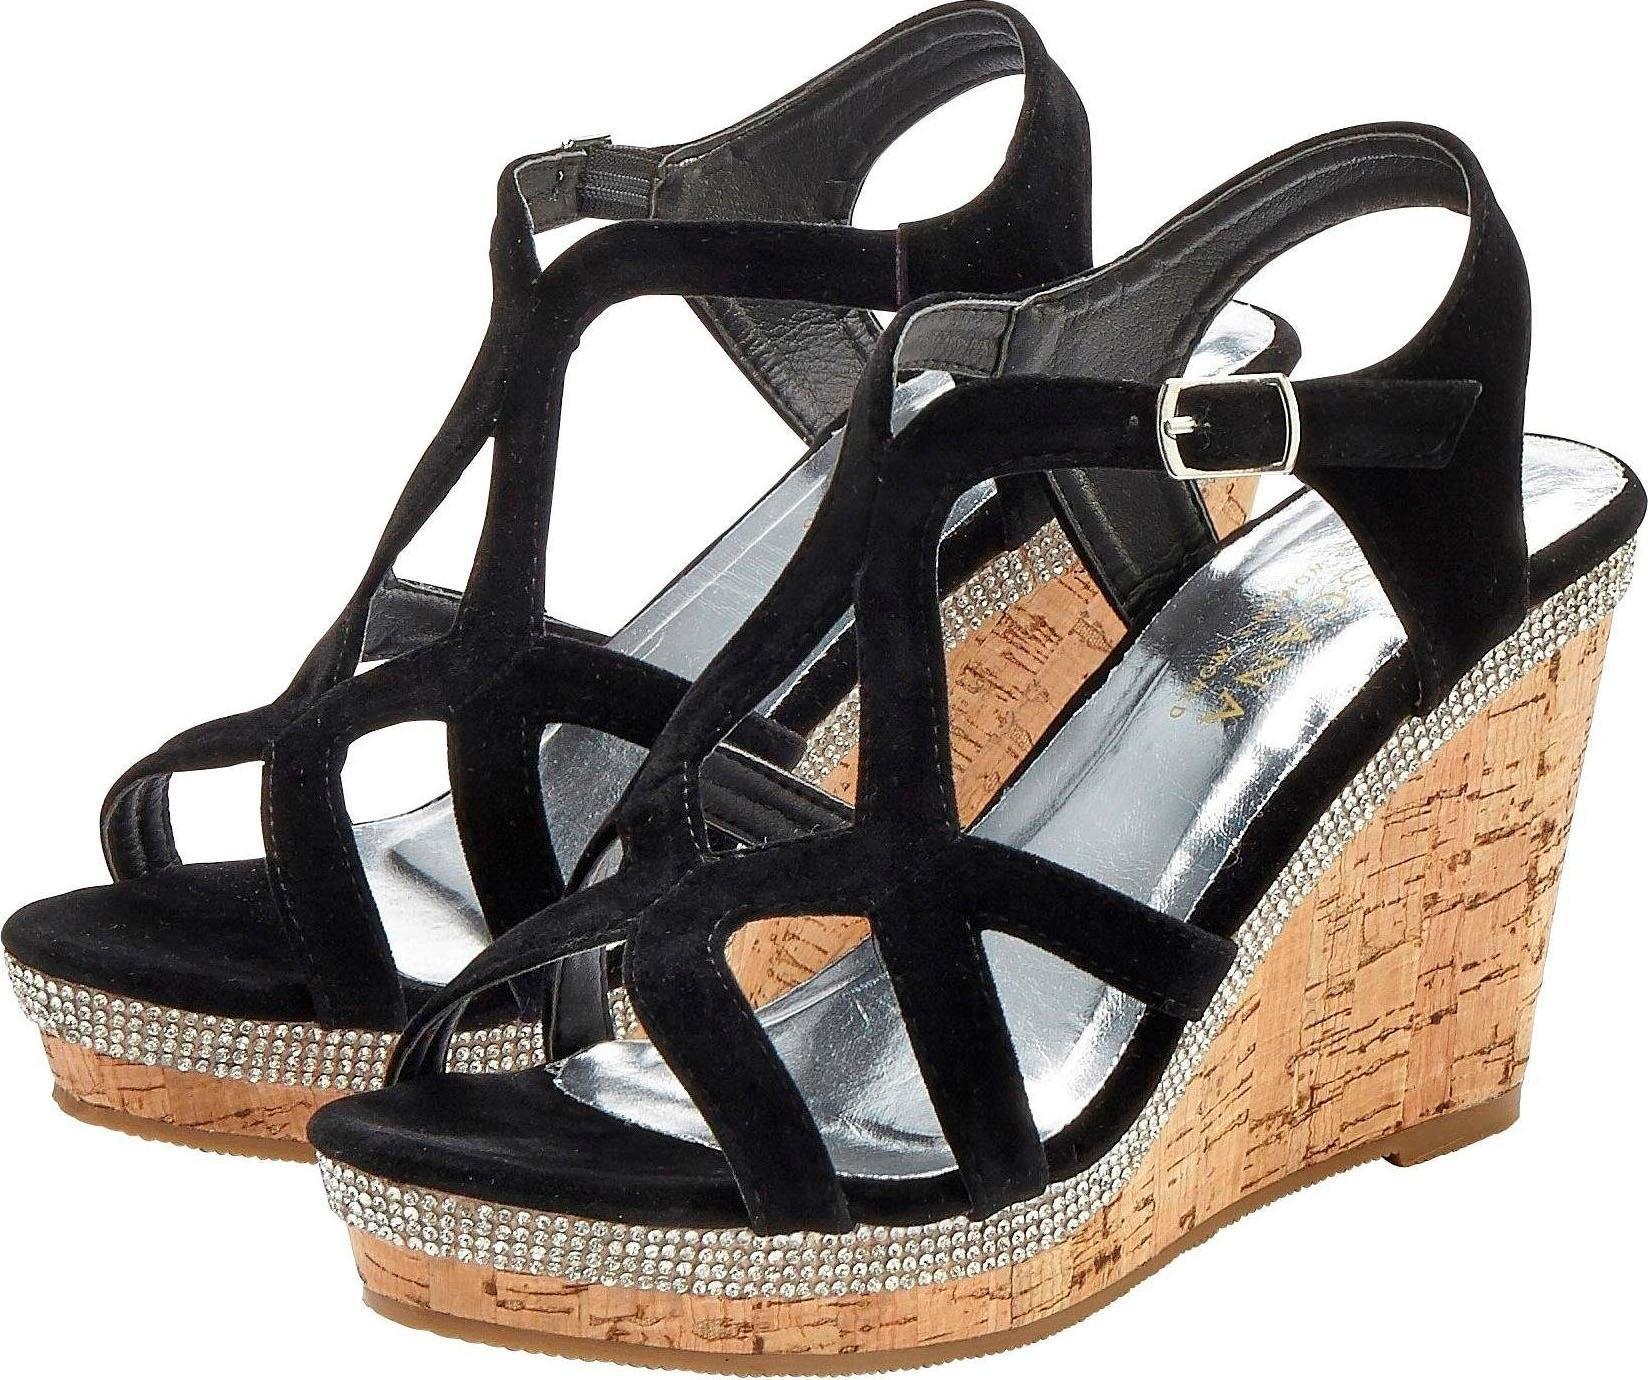 Lascana sandaaltjes voordelig en veilig online kopen